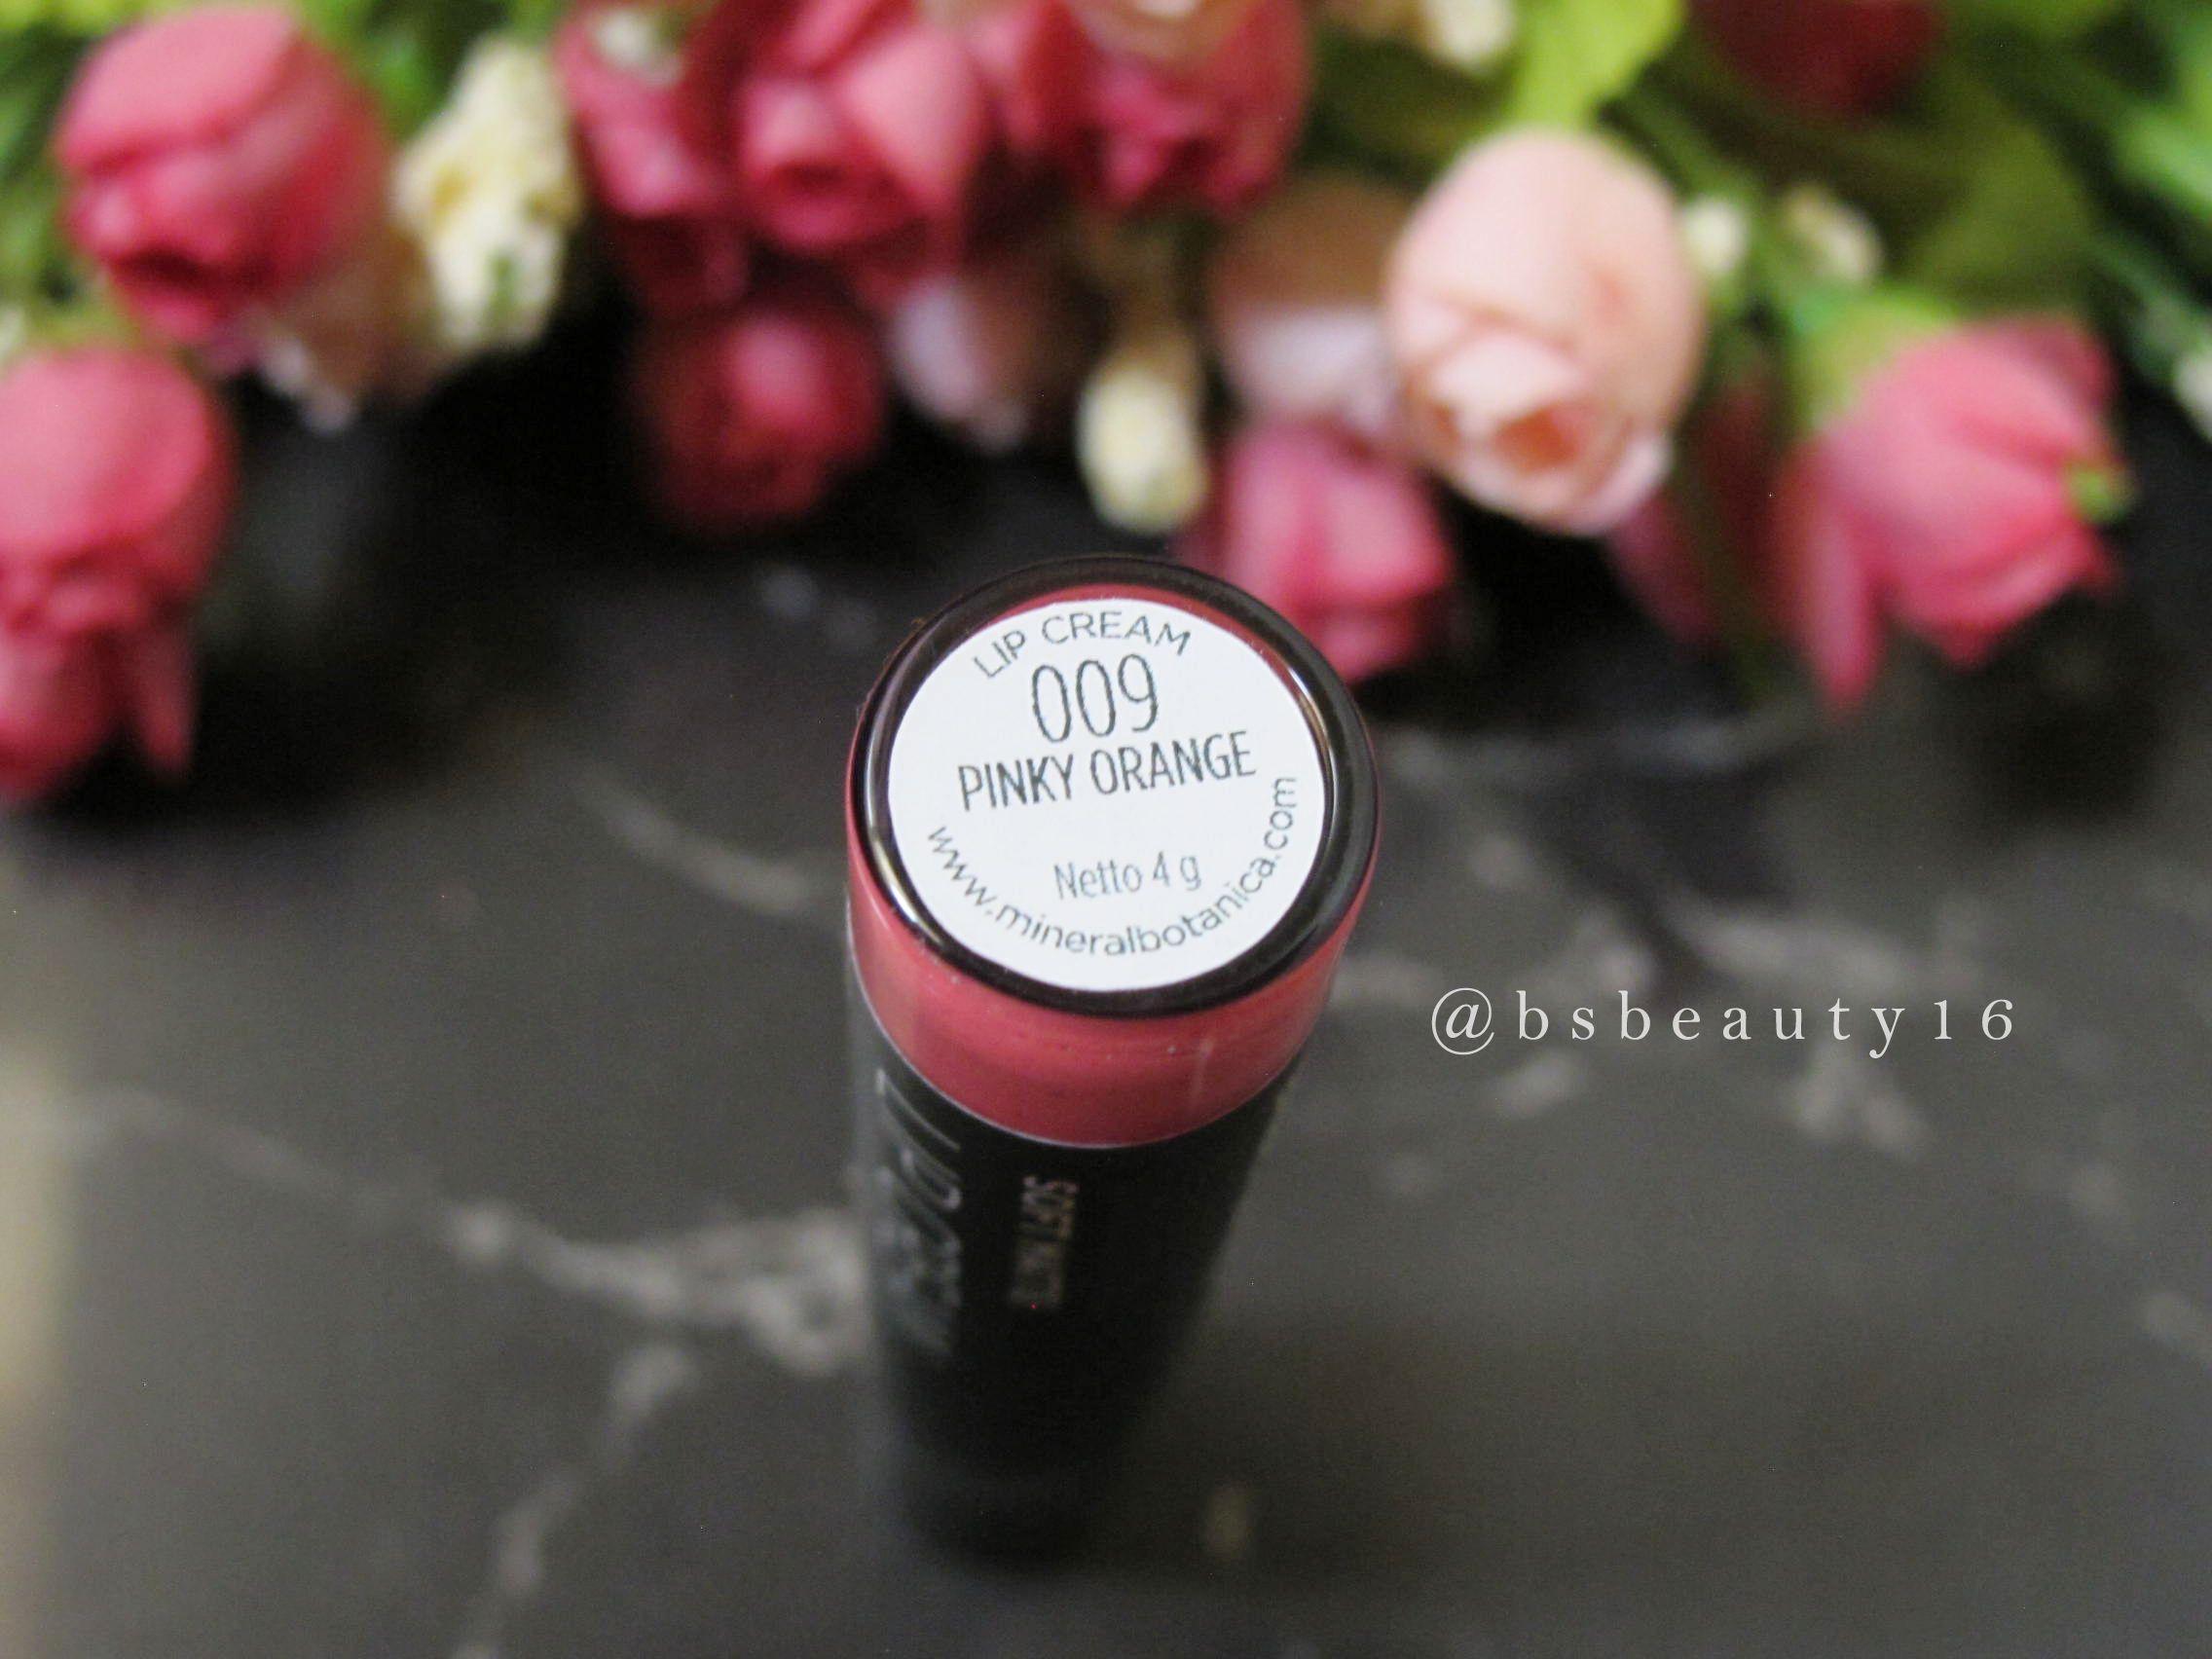 #mineralbotanica #lipstick #softmattecream #liquidlipstick #mattelipstick #pink #makeup #makeupreview #review #blogger #beautyblogger #blog #makeupblog http://blossomshine.com